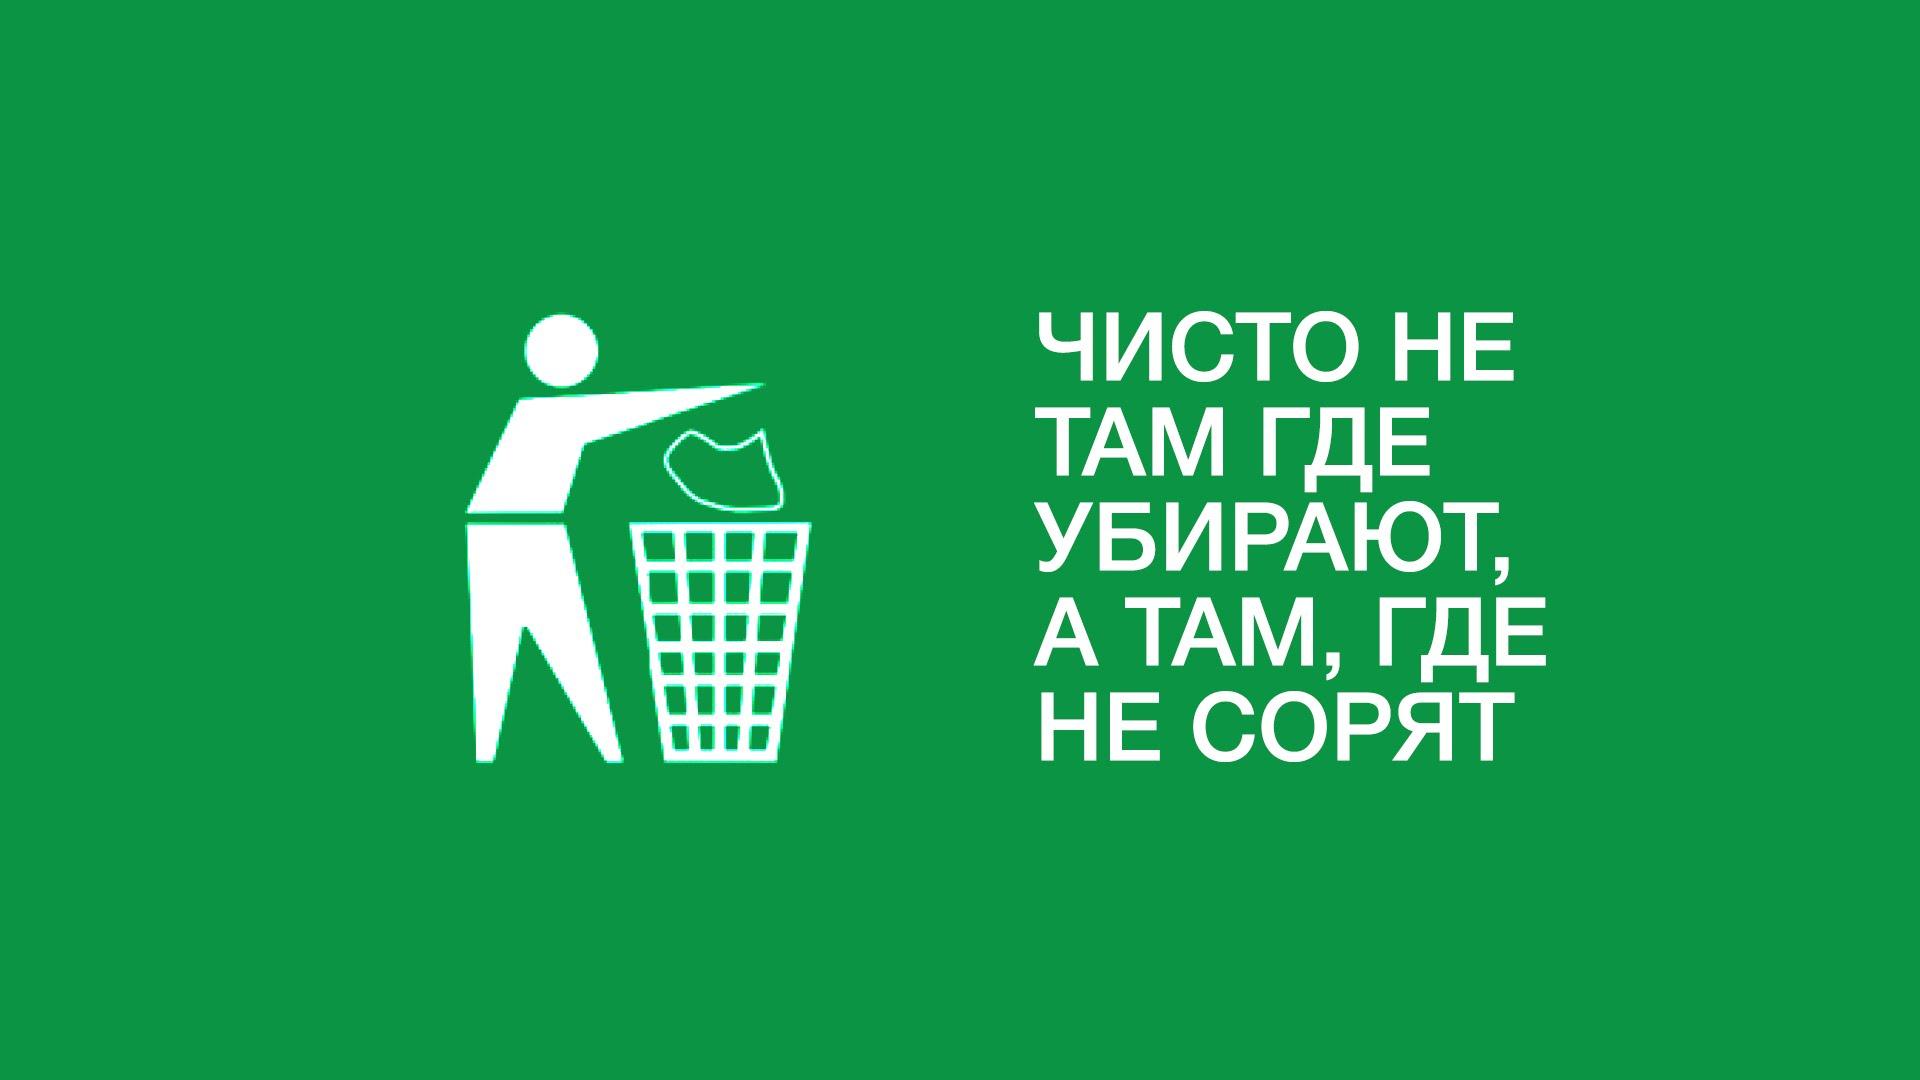 чистота твоего города